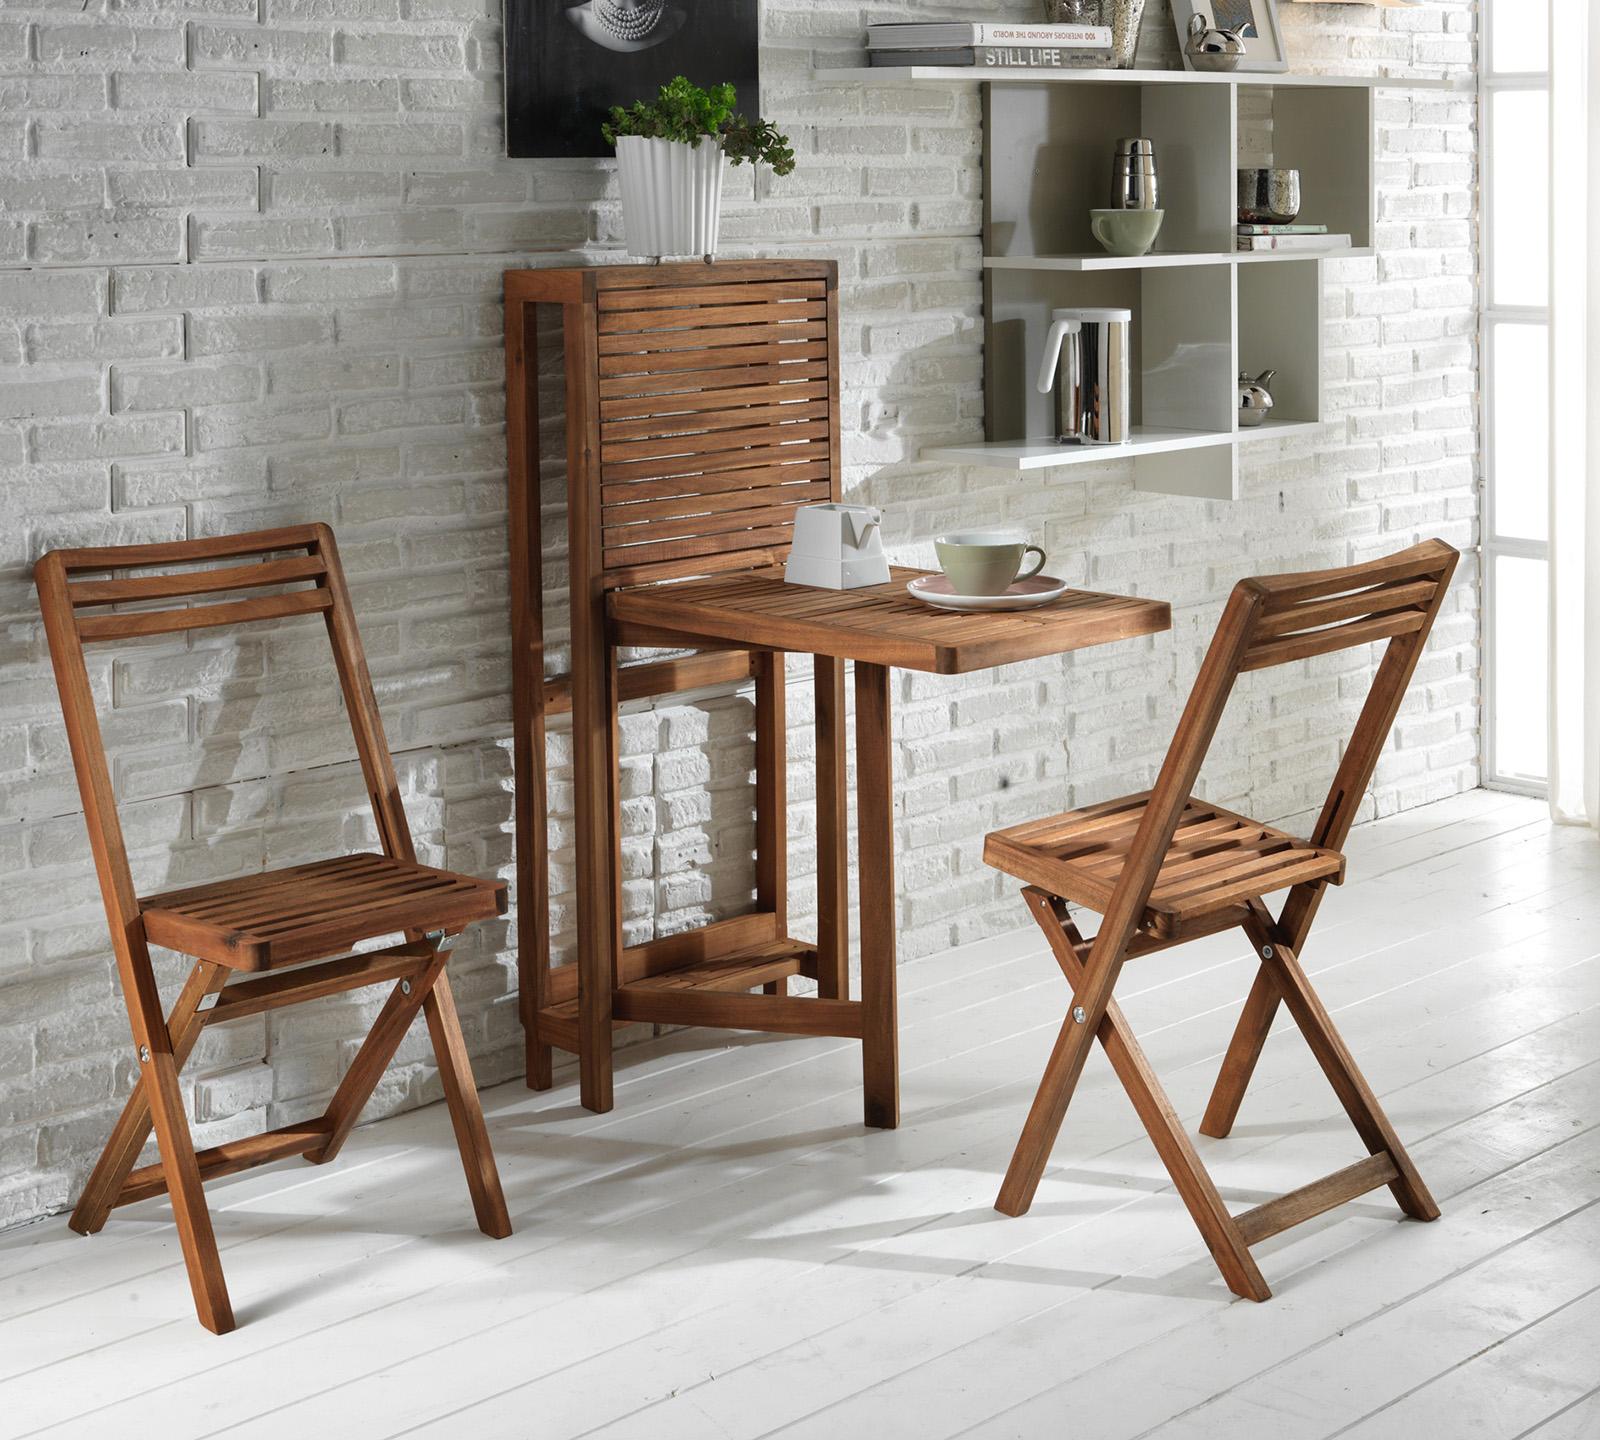 set con tavolo piccolo richiudibile e 2 sedie | duzzle - Sedie Da Soggiorno In Legno 2